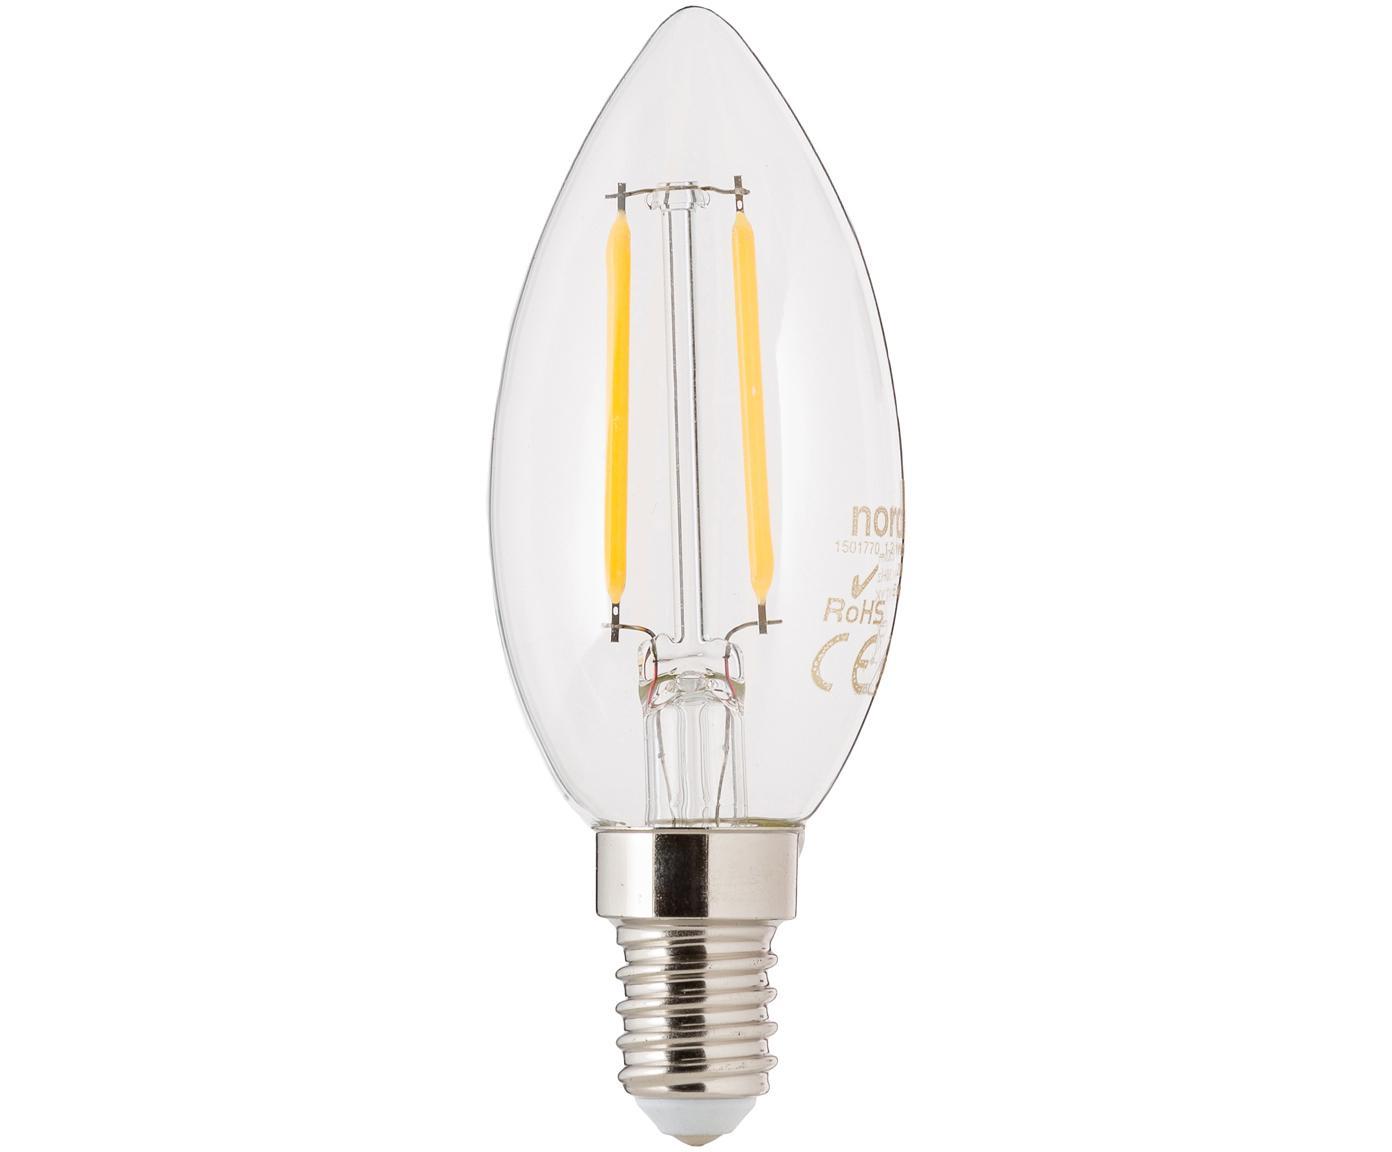 LED lamp Vel (E14 / 2W) 5 stuks, Peertje: glas, Fitting: aluminium, Transparant, Ø 4 x H 10 cm